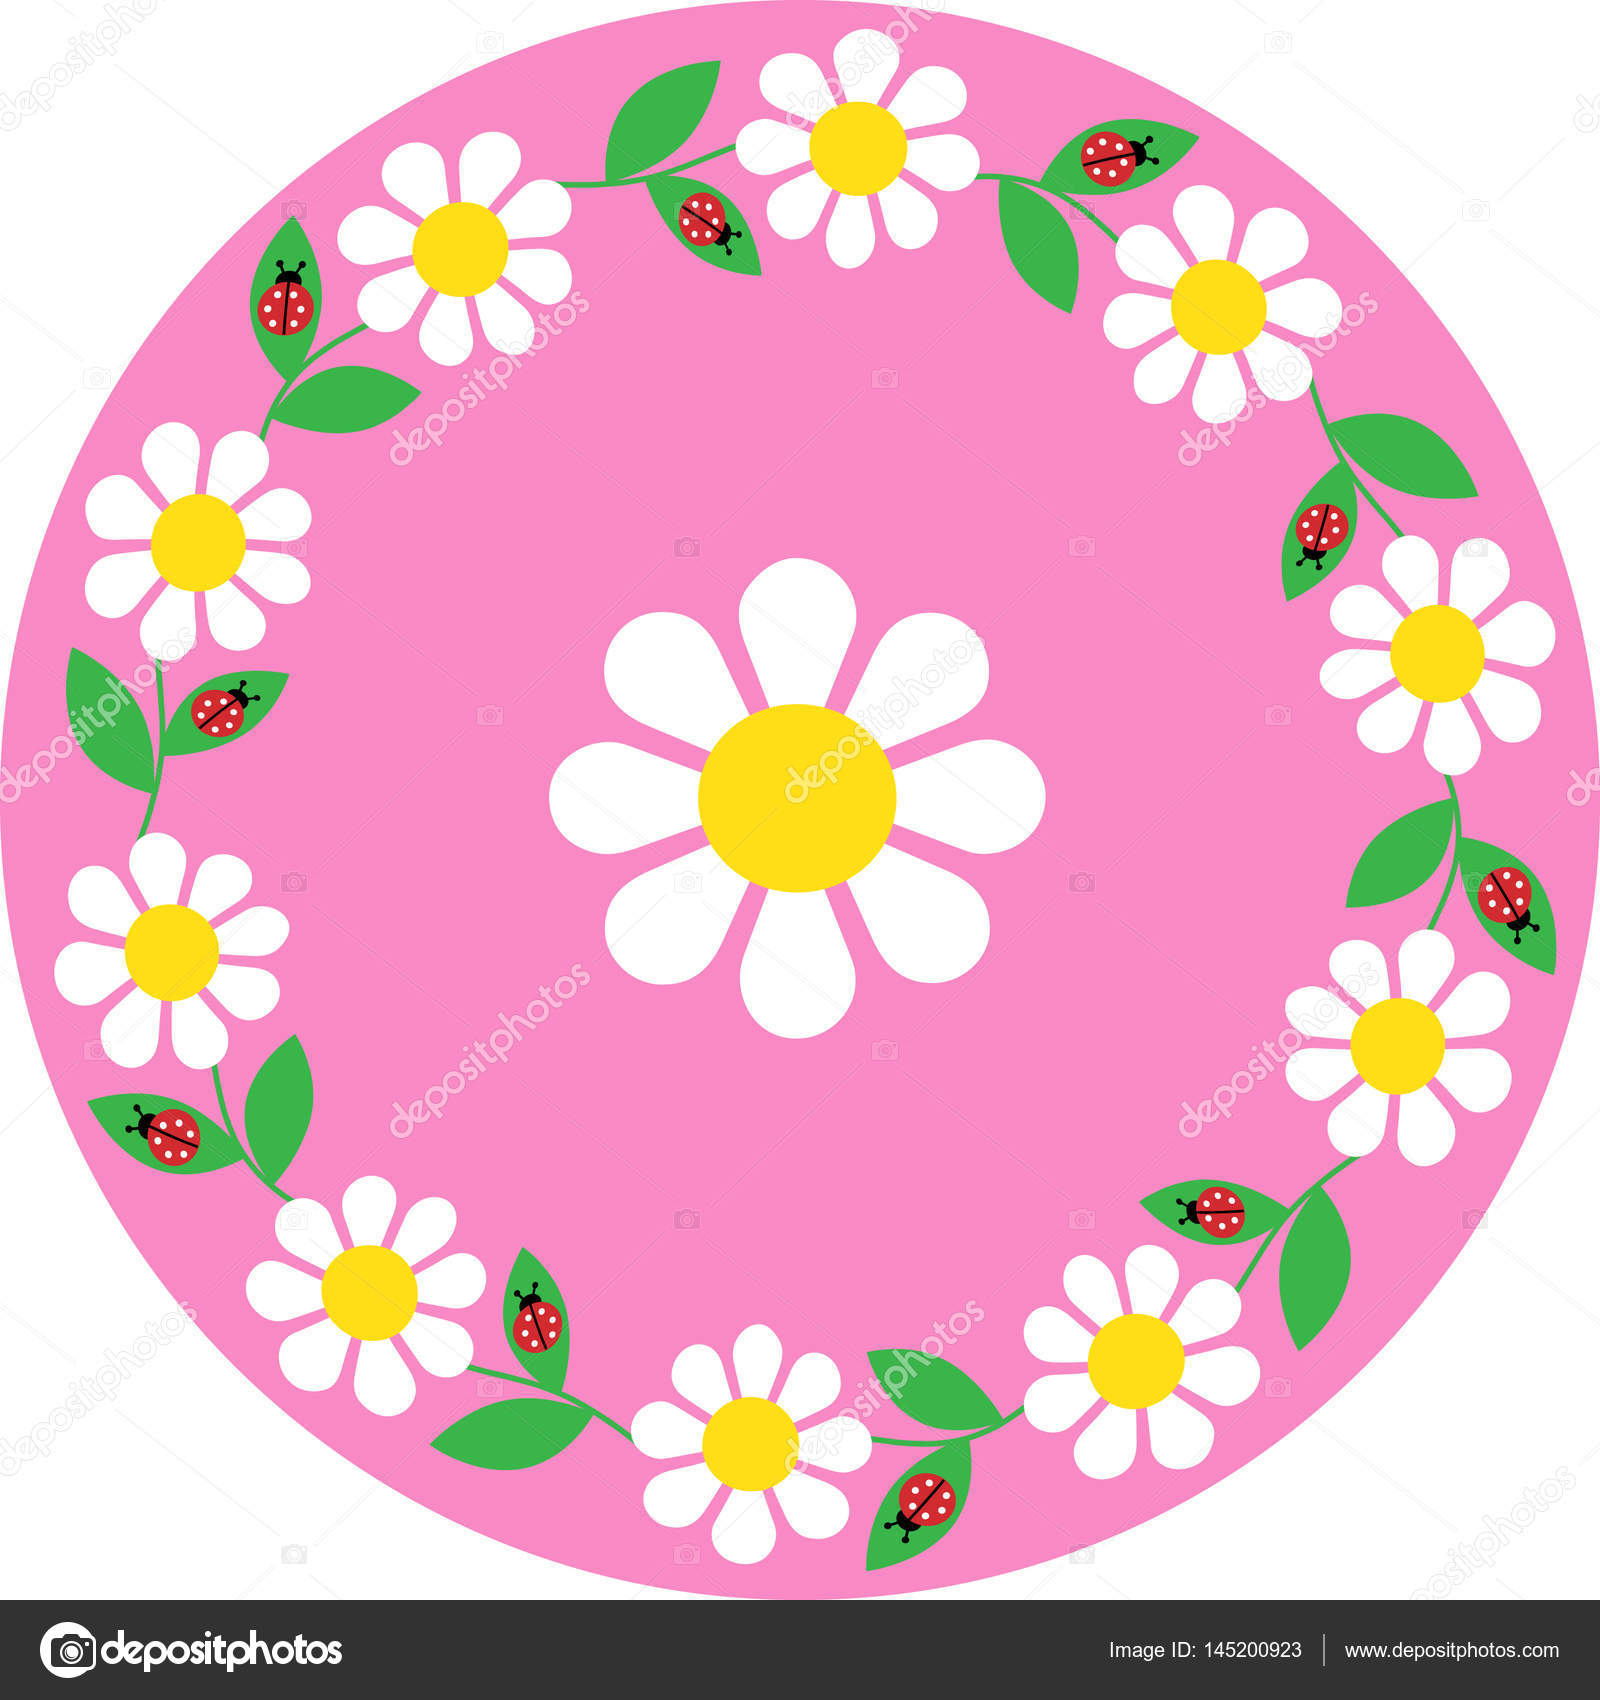 marco de Círculo Daisy mariquita — Archivo Imágenes Vectoriales ...